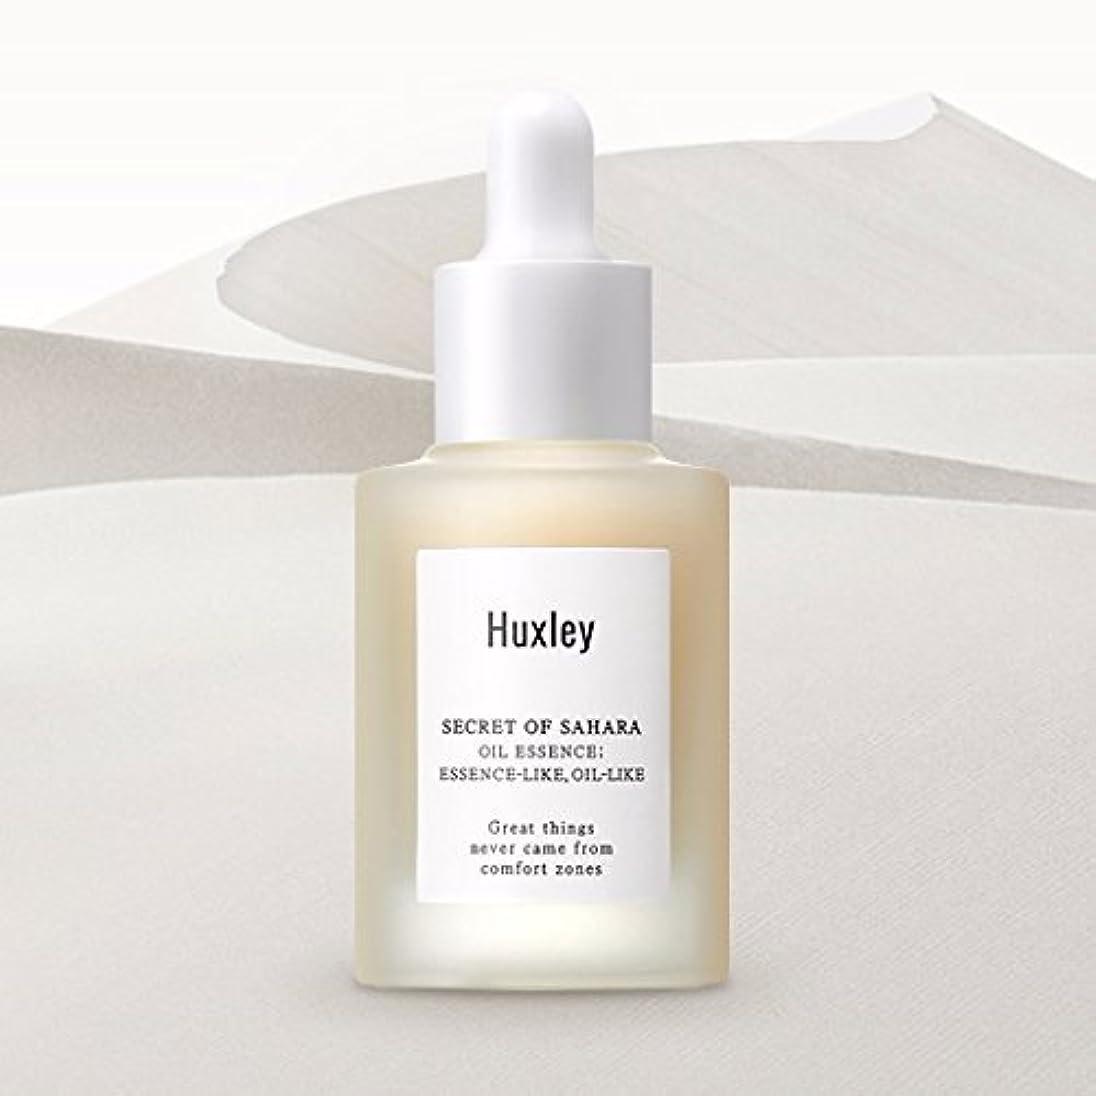 累計教師の日マットレスハクスリー サハラ砂漠の秘密オイルエッセンス30ml / Huxley Secret of Sahara OIL Essence (Essence-Like, Oil-Like) 30ml (1.01fl.oz.) Made...